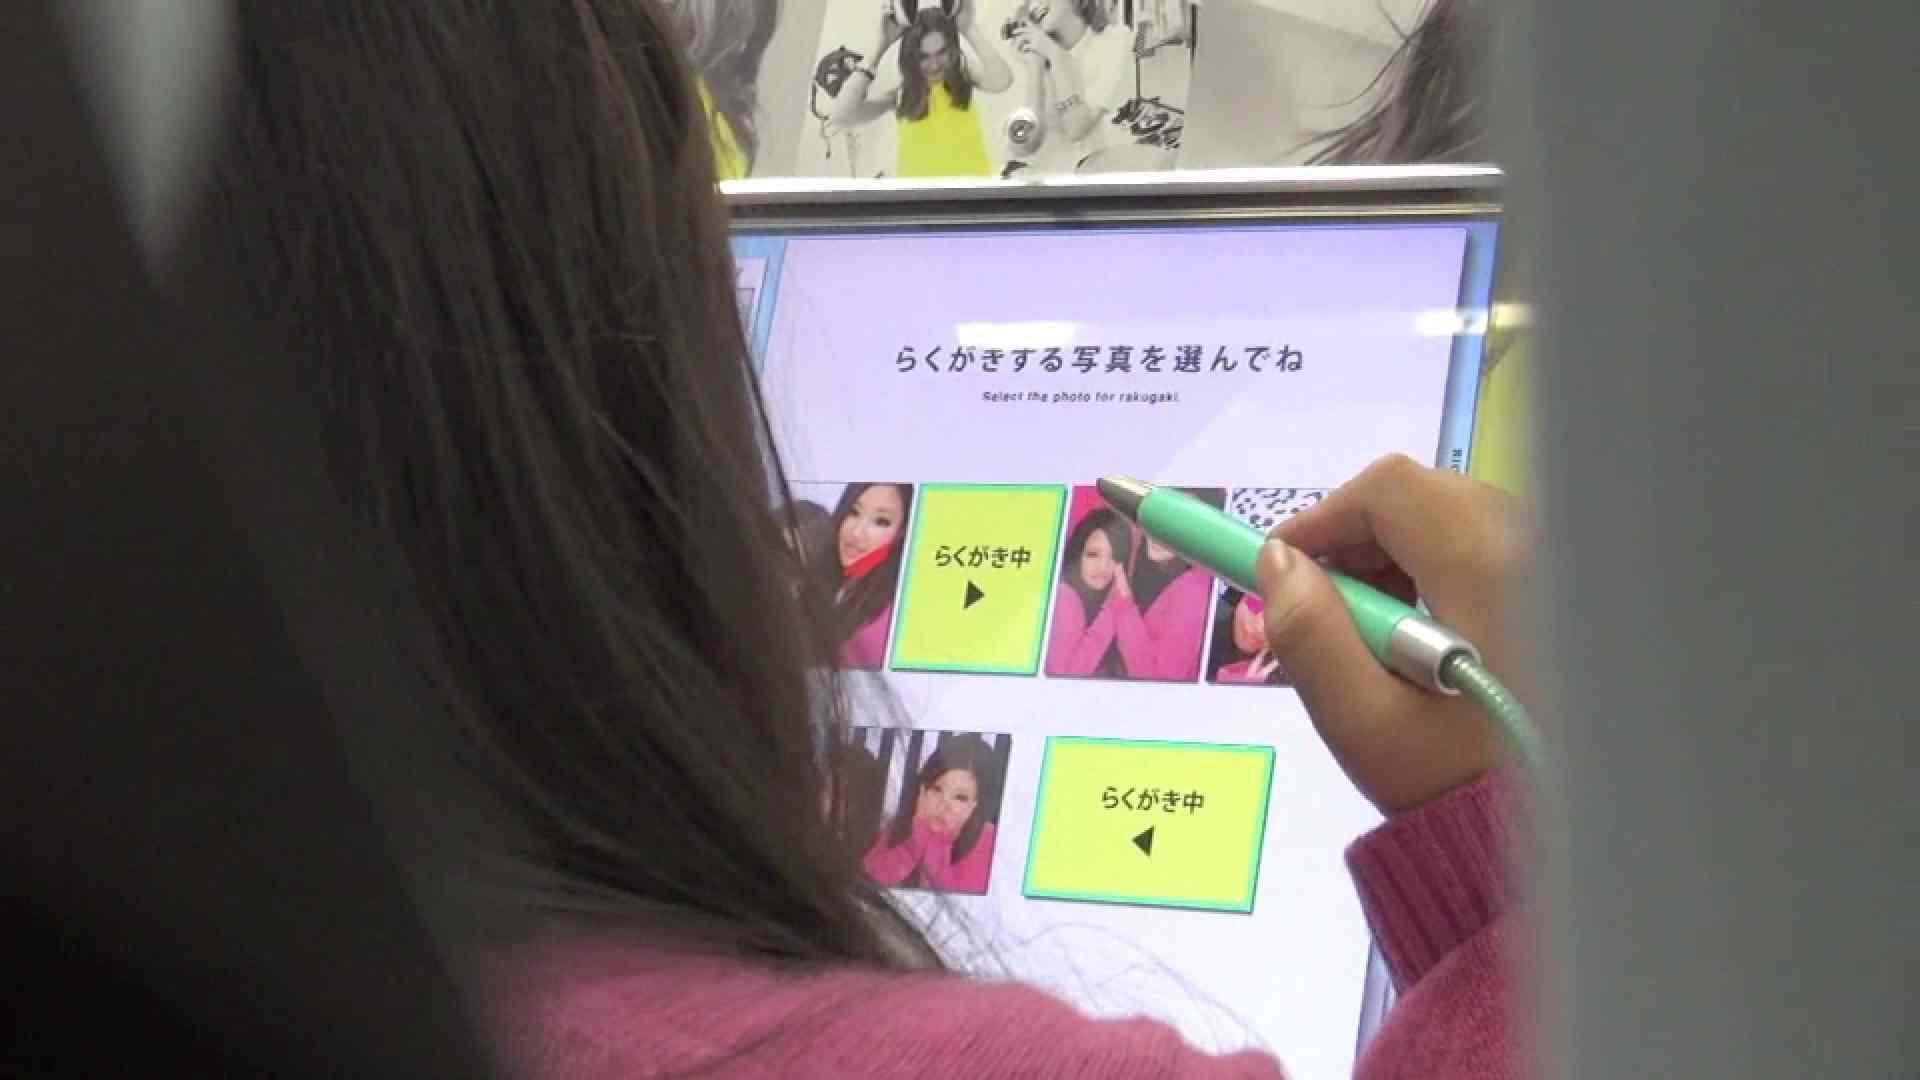 現役ギャル盗撮師 hana様のプリクラ潜入!制服Pチラ!Vol.1 盗撮  107連発 73